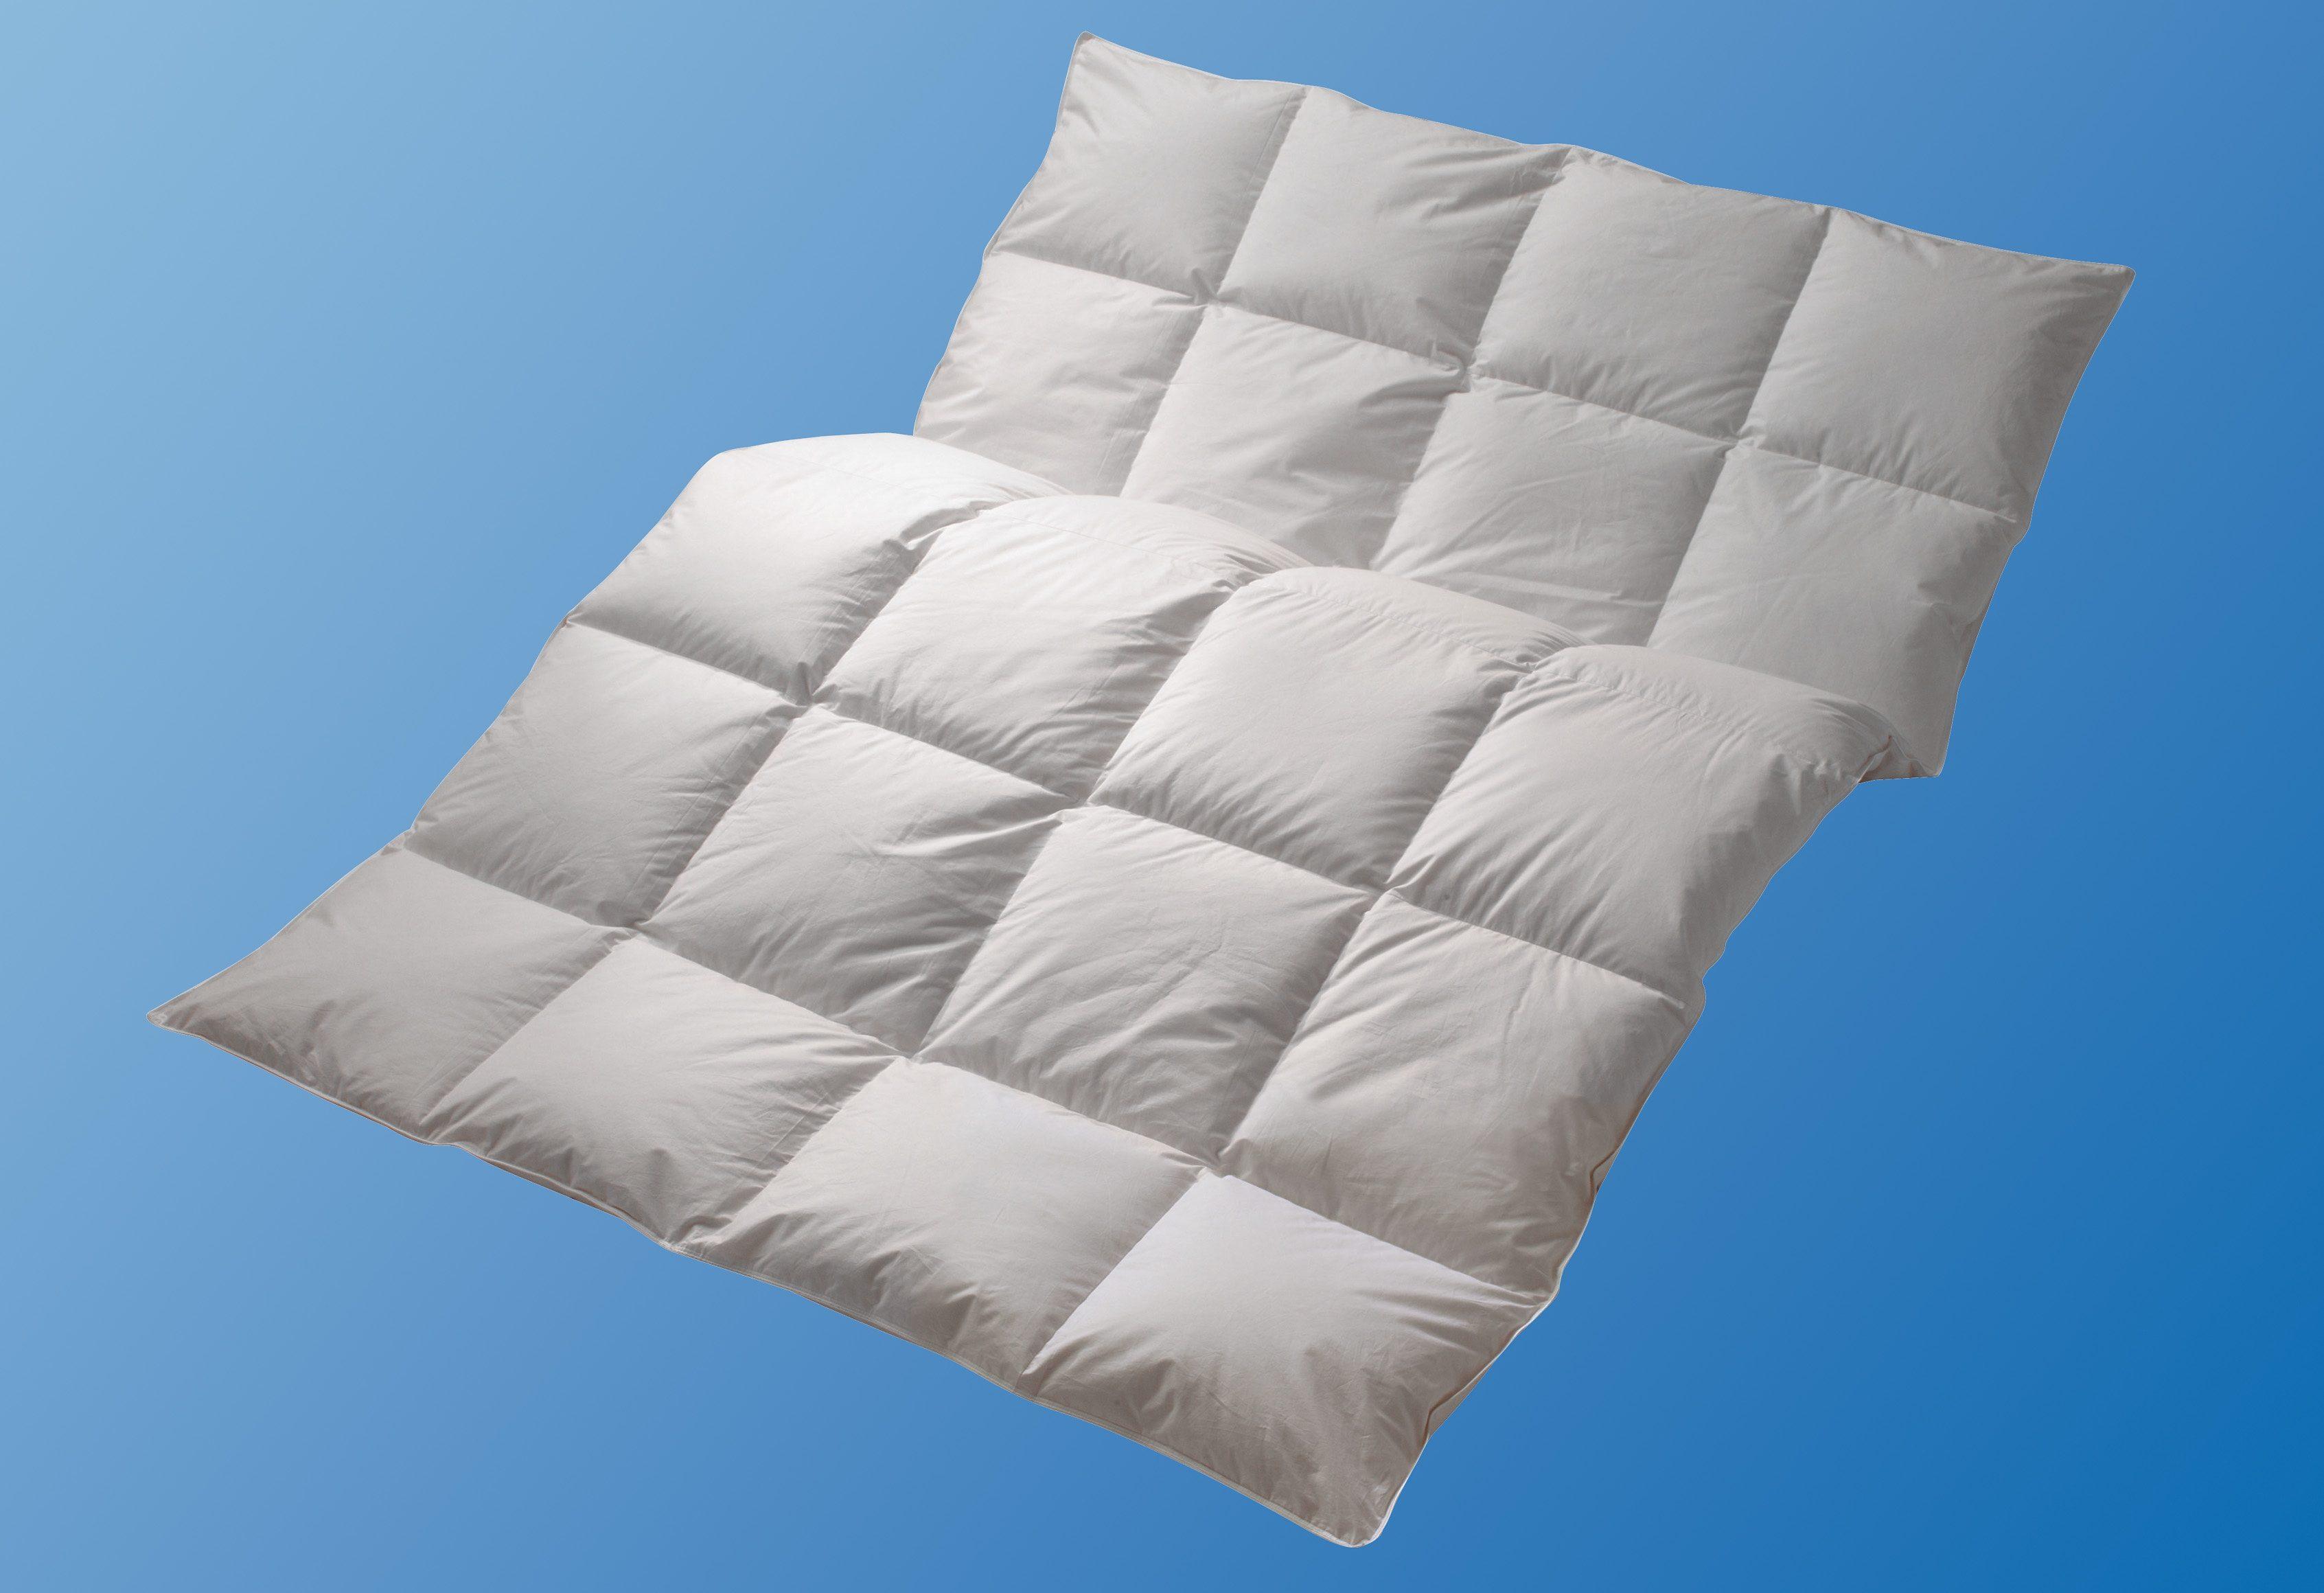 Daunenbettdecke Nordic Centa-Star extrawarm Füllung: 90% Daunen 10% Federn Bezug: 100% Baumwolle